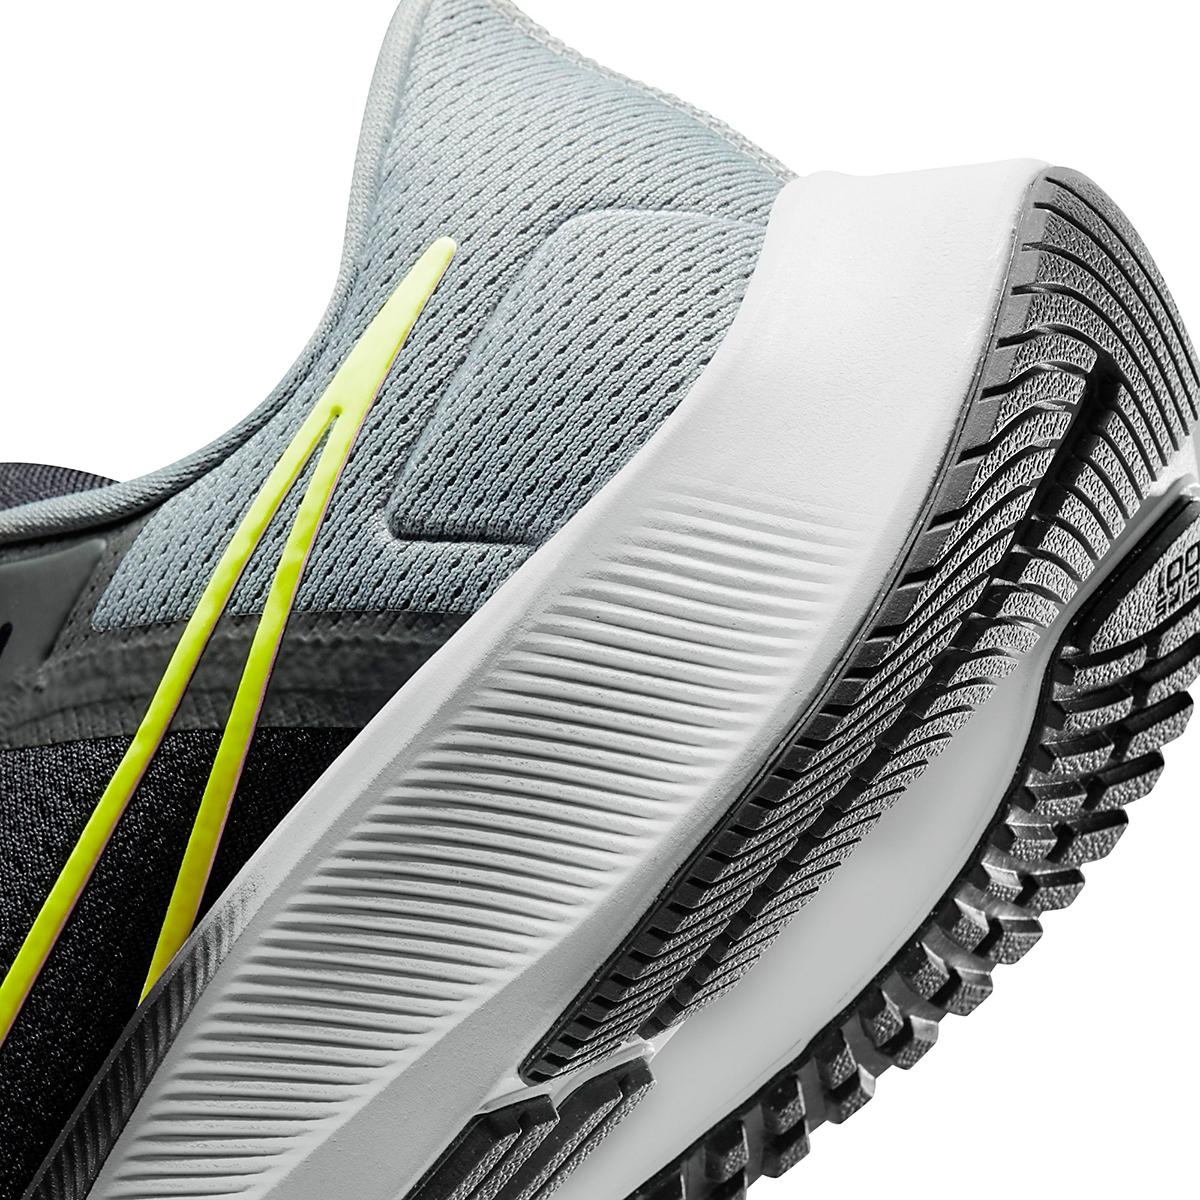 Men's Nike Air Zoom Pegasus 38 Running Shoe - Color: Smoke Grey/Volt Grey - Size: 6 - Width: Regular, Smoke Grey/Volt Grey, large, image 5